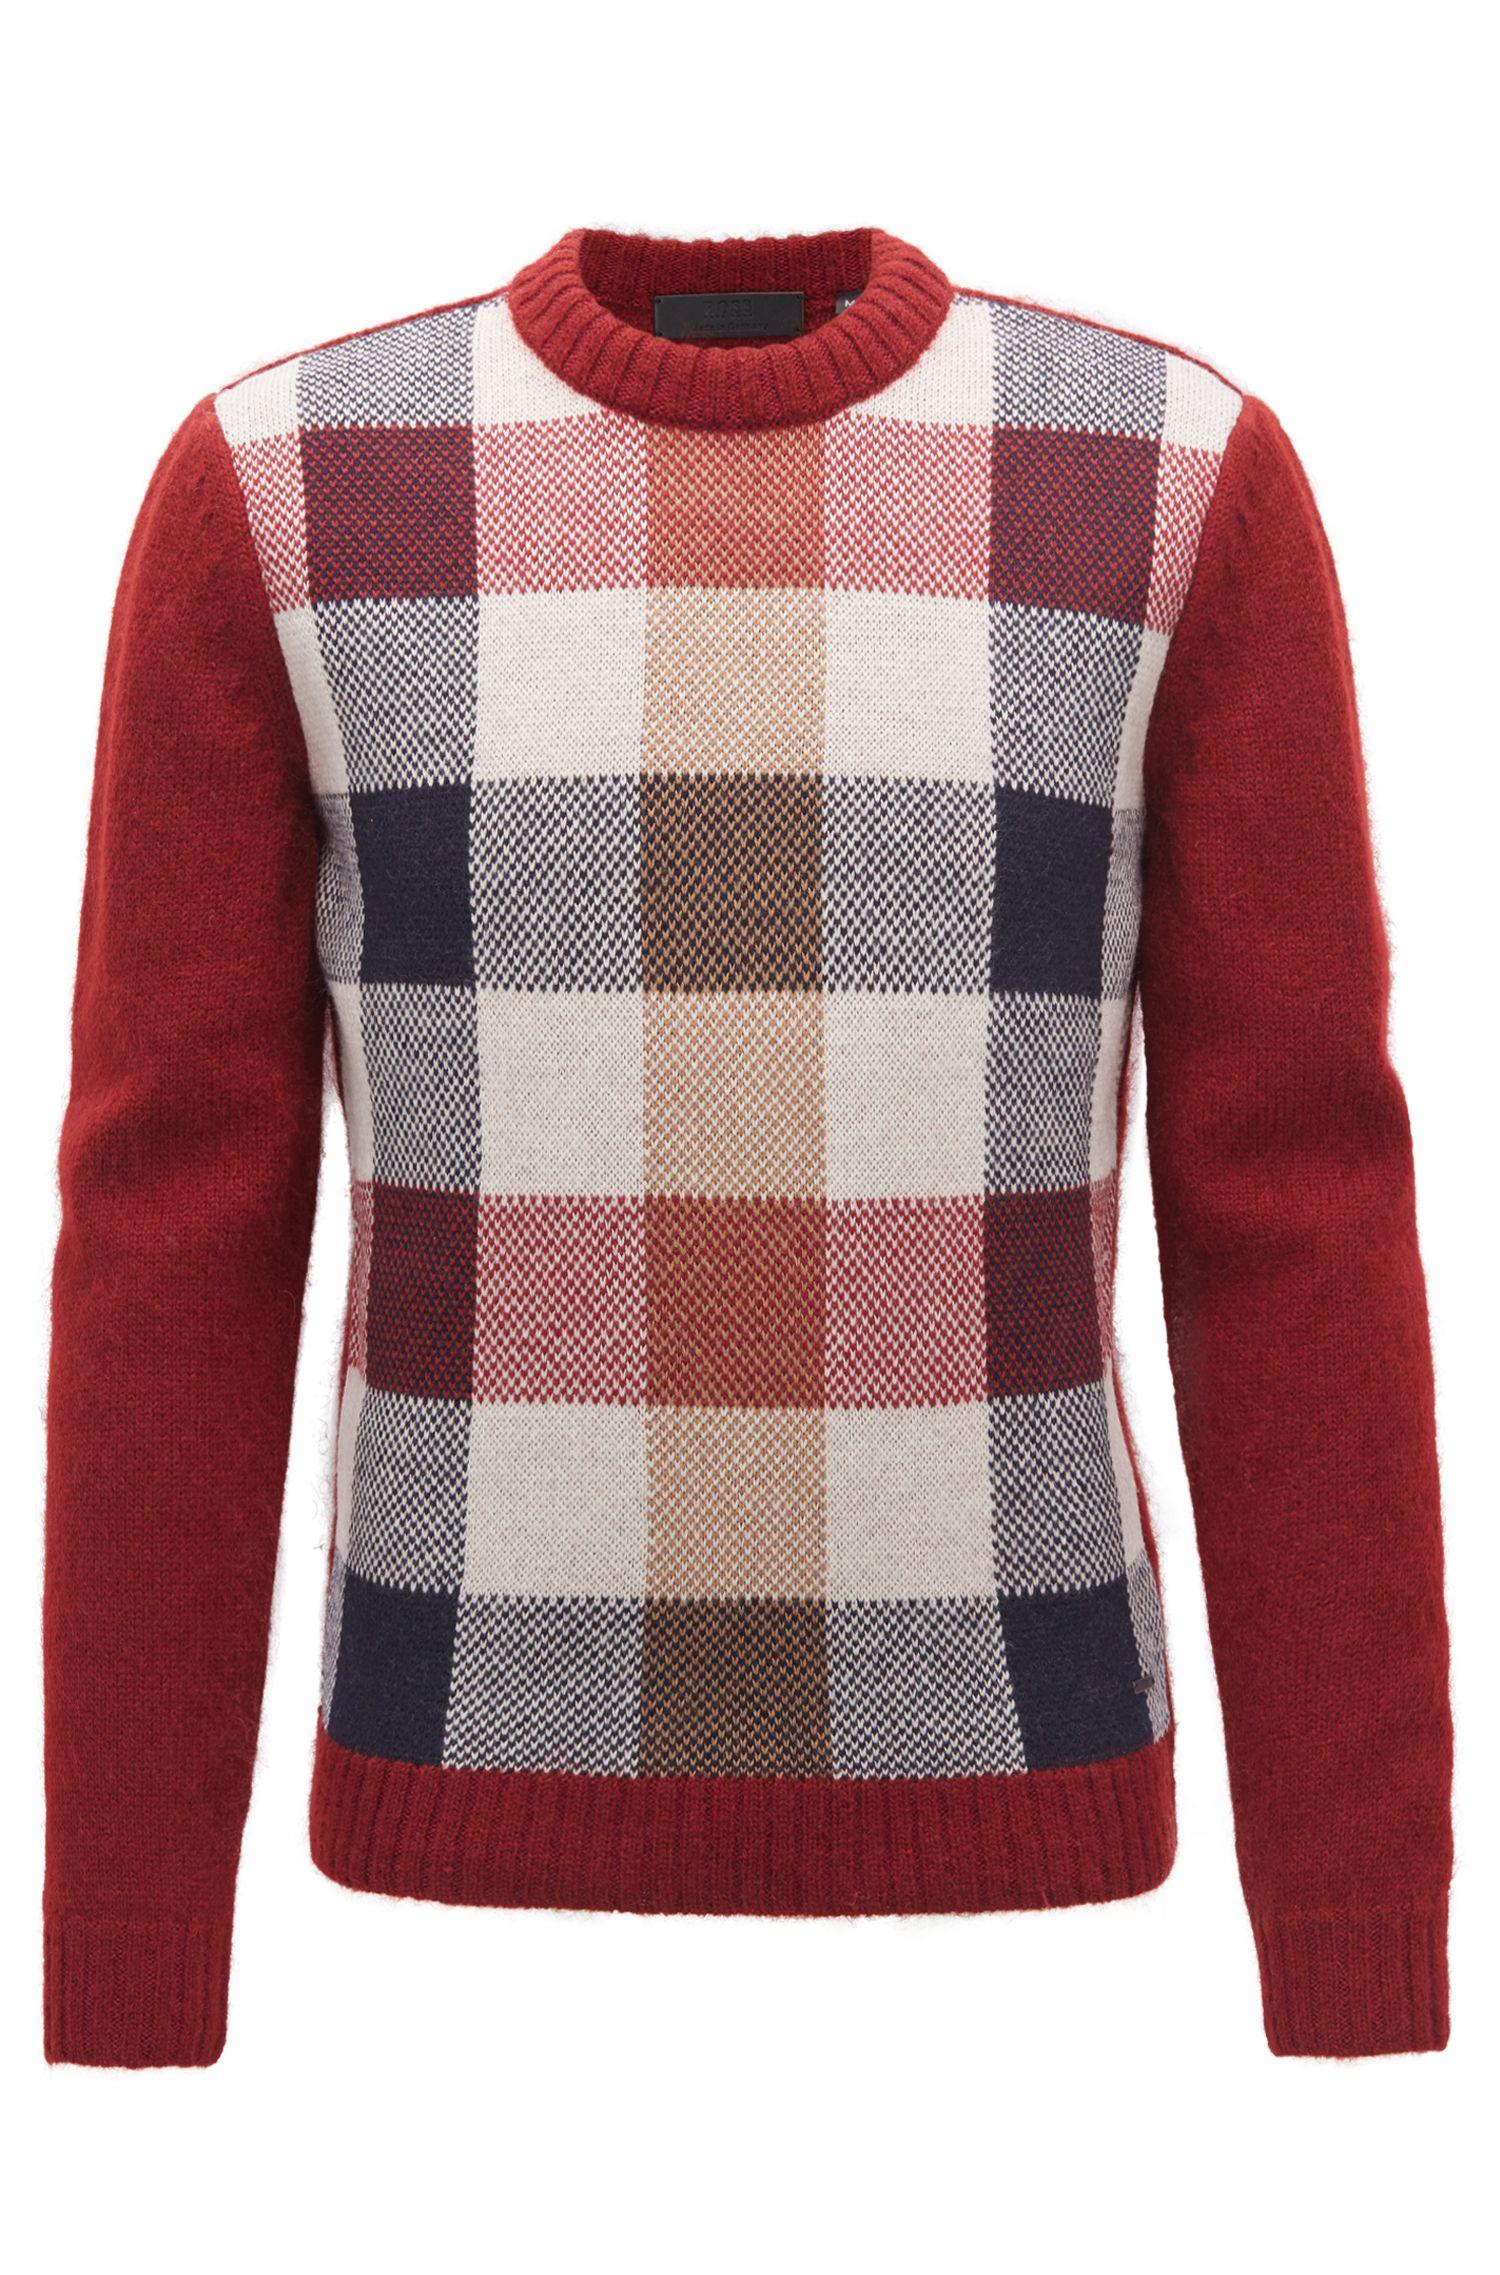 Jersey de cuello redondo con varias texturas fabricado en Alemania, Rojo oscuro